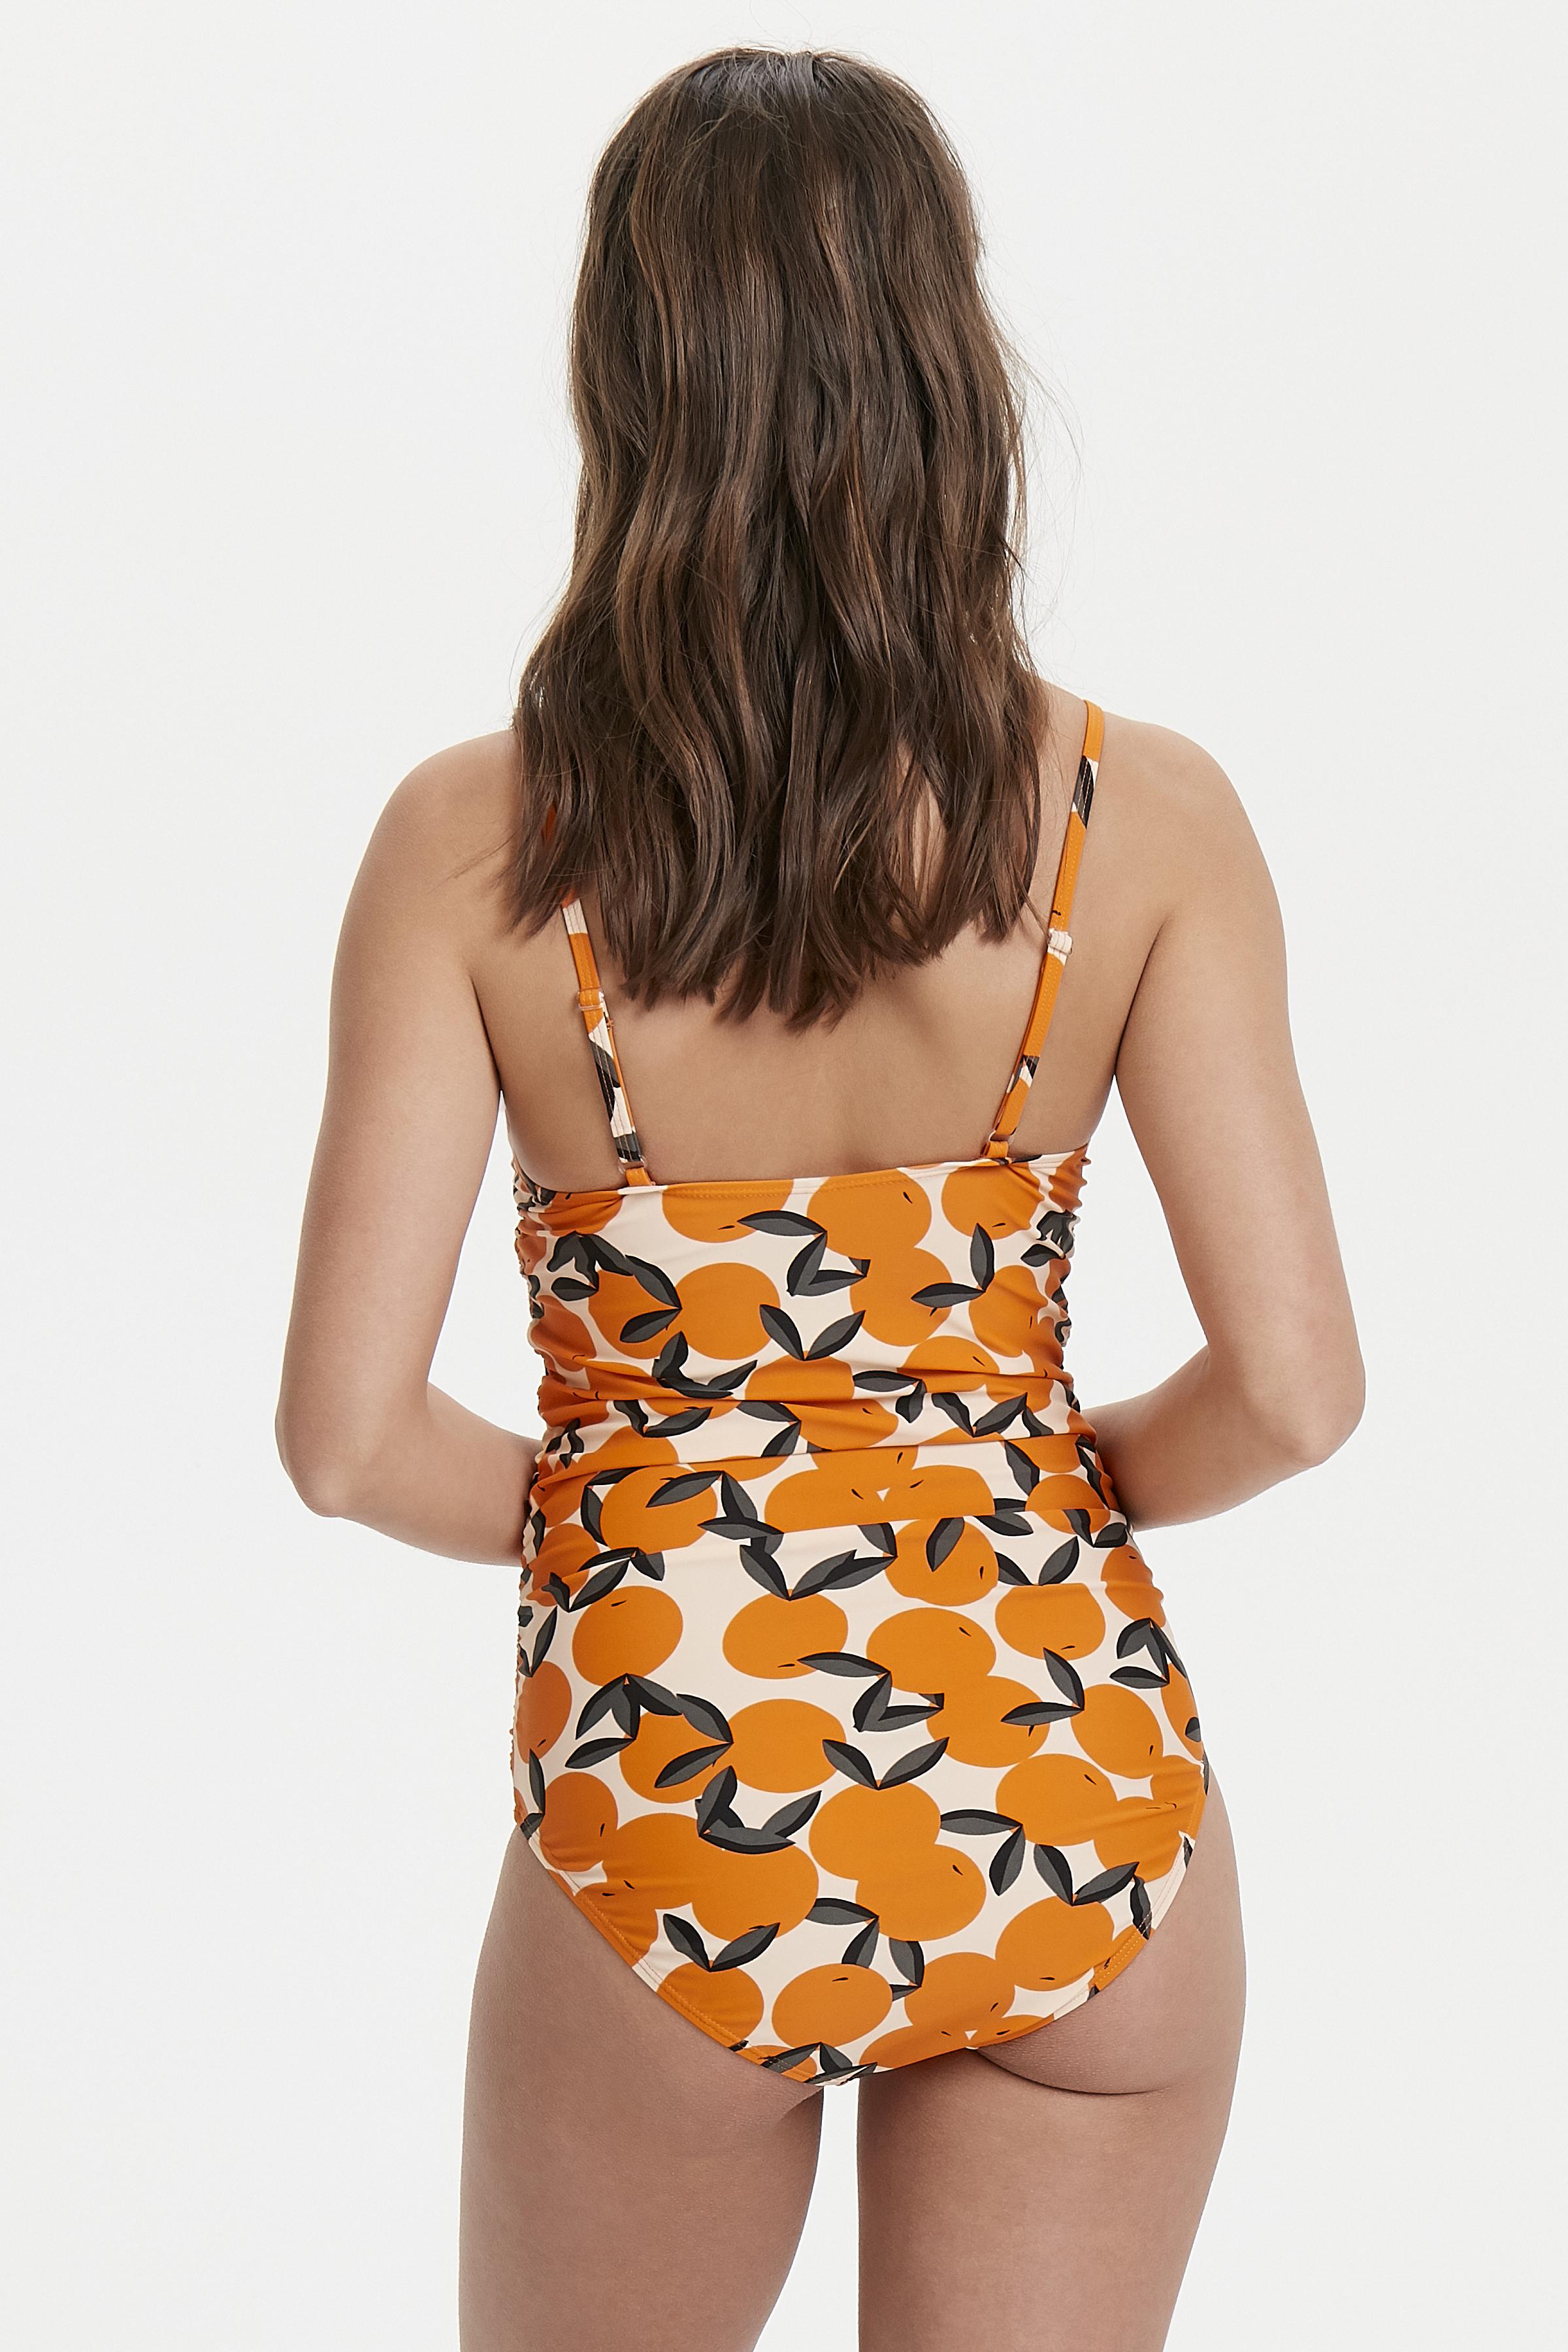 Bisque Badetøj – Køb Bisque Badetøj fra str. XS/S-M/L her